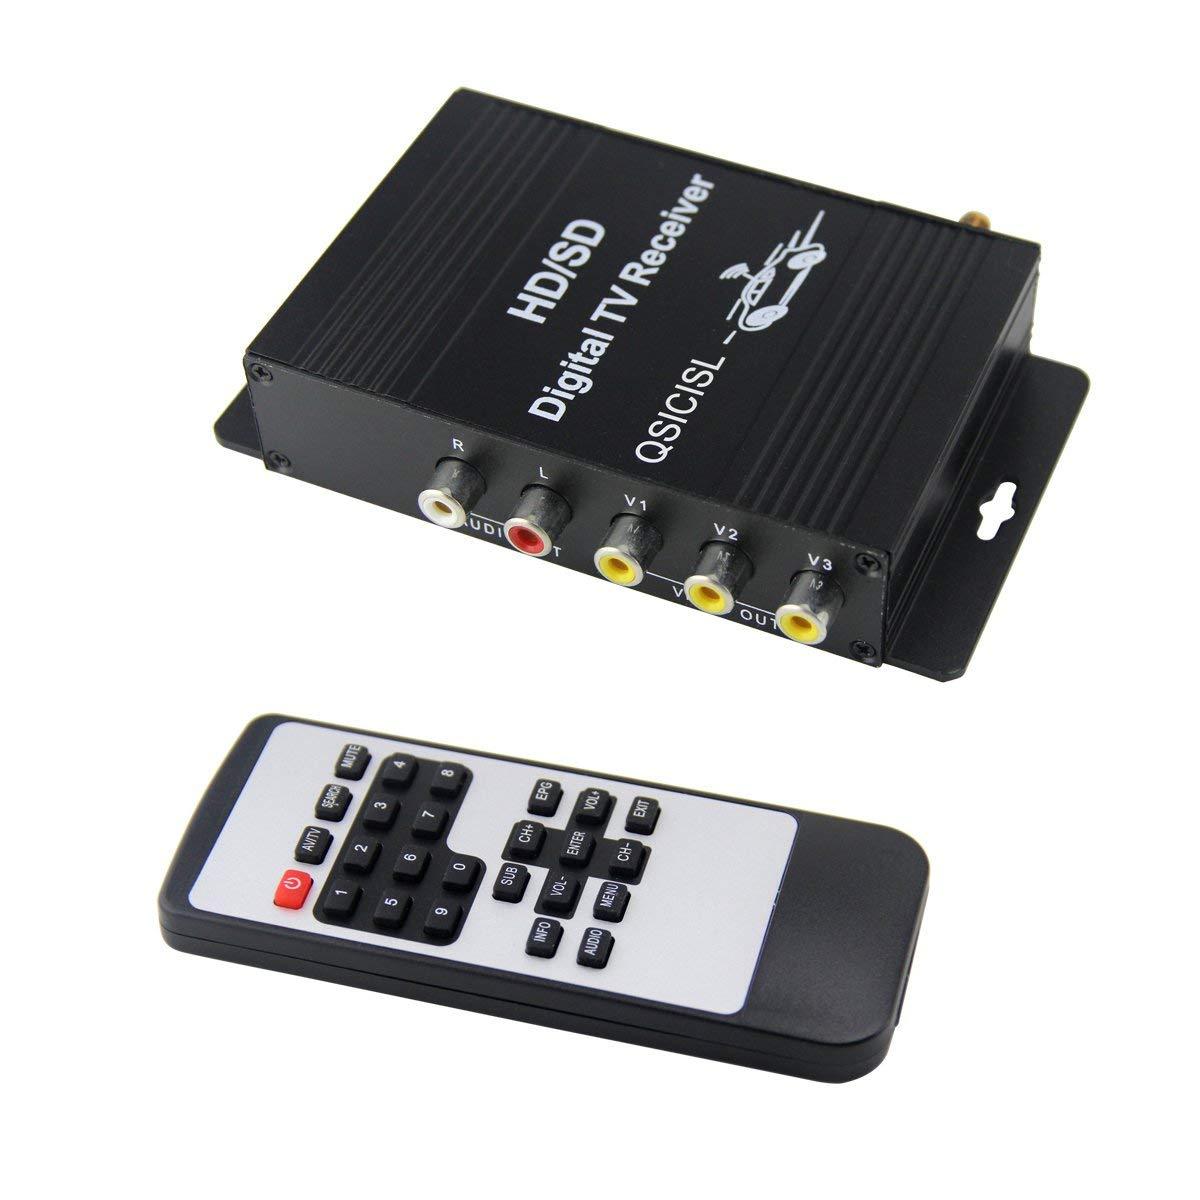 QSICISL Mobile Digital Receiver Antenna